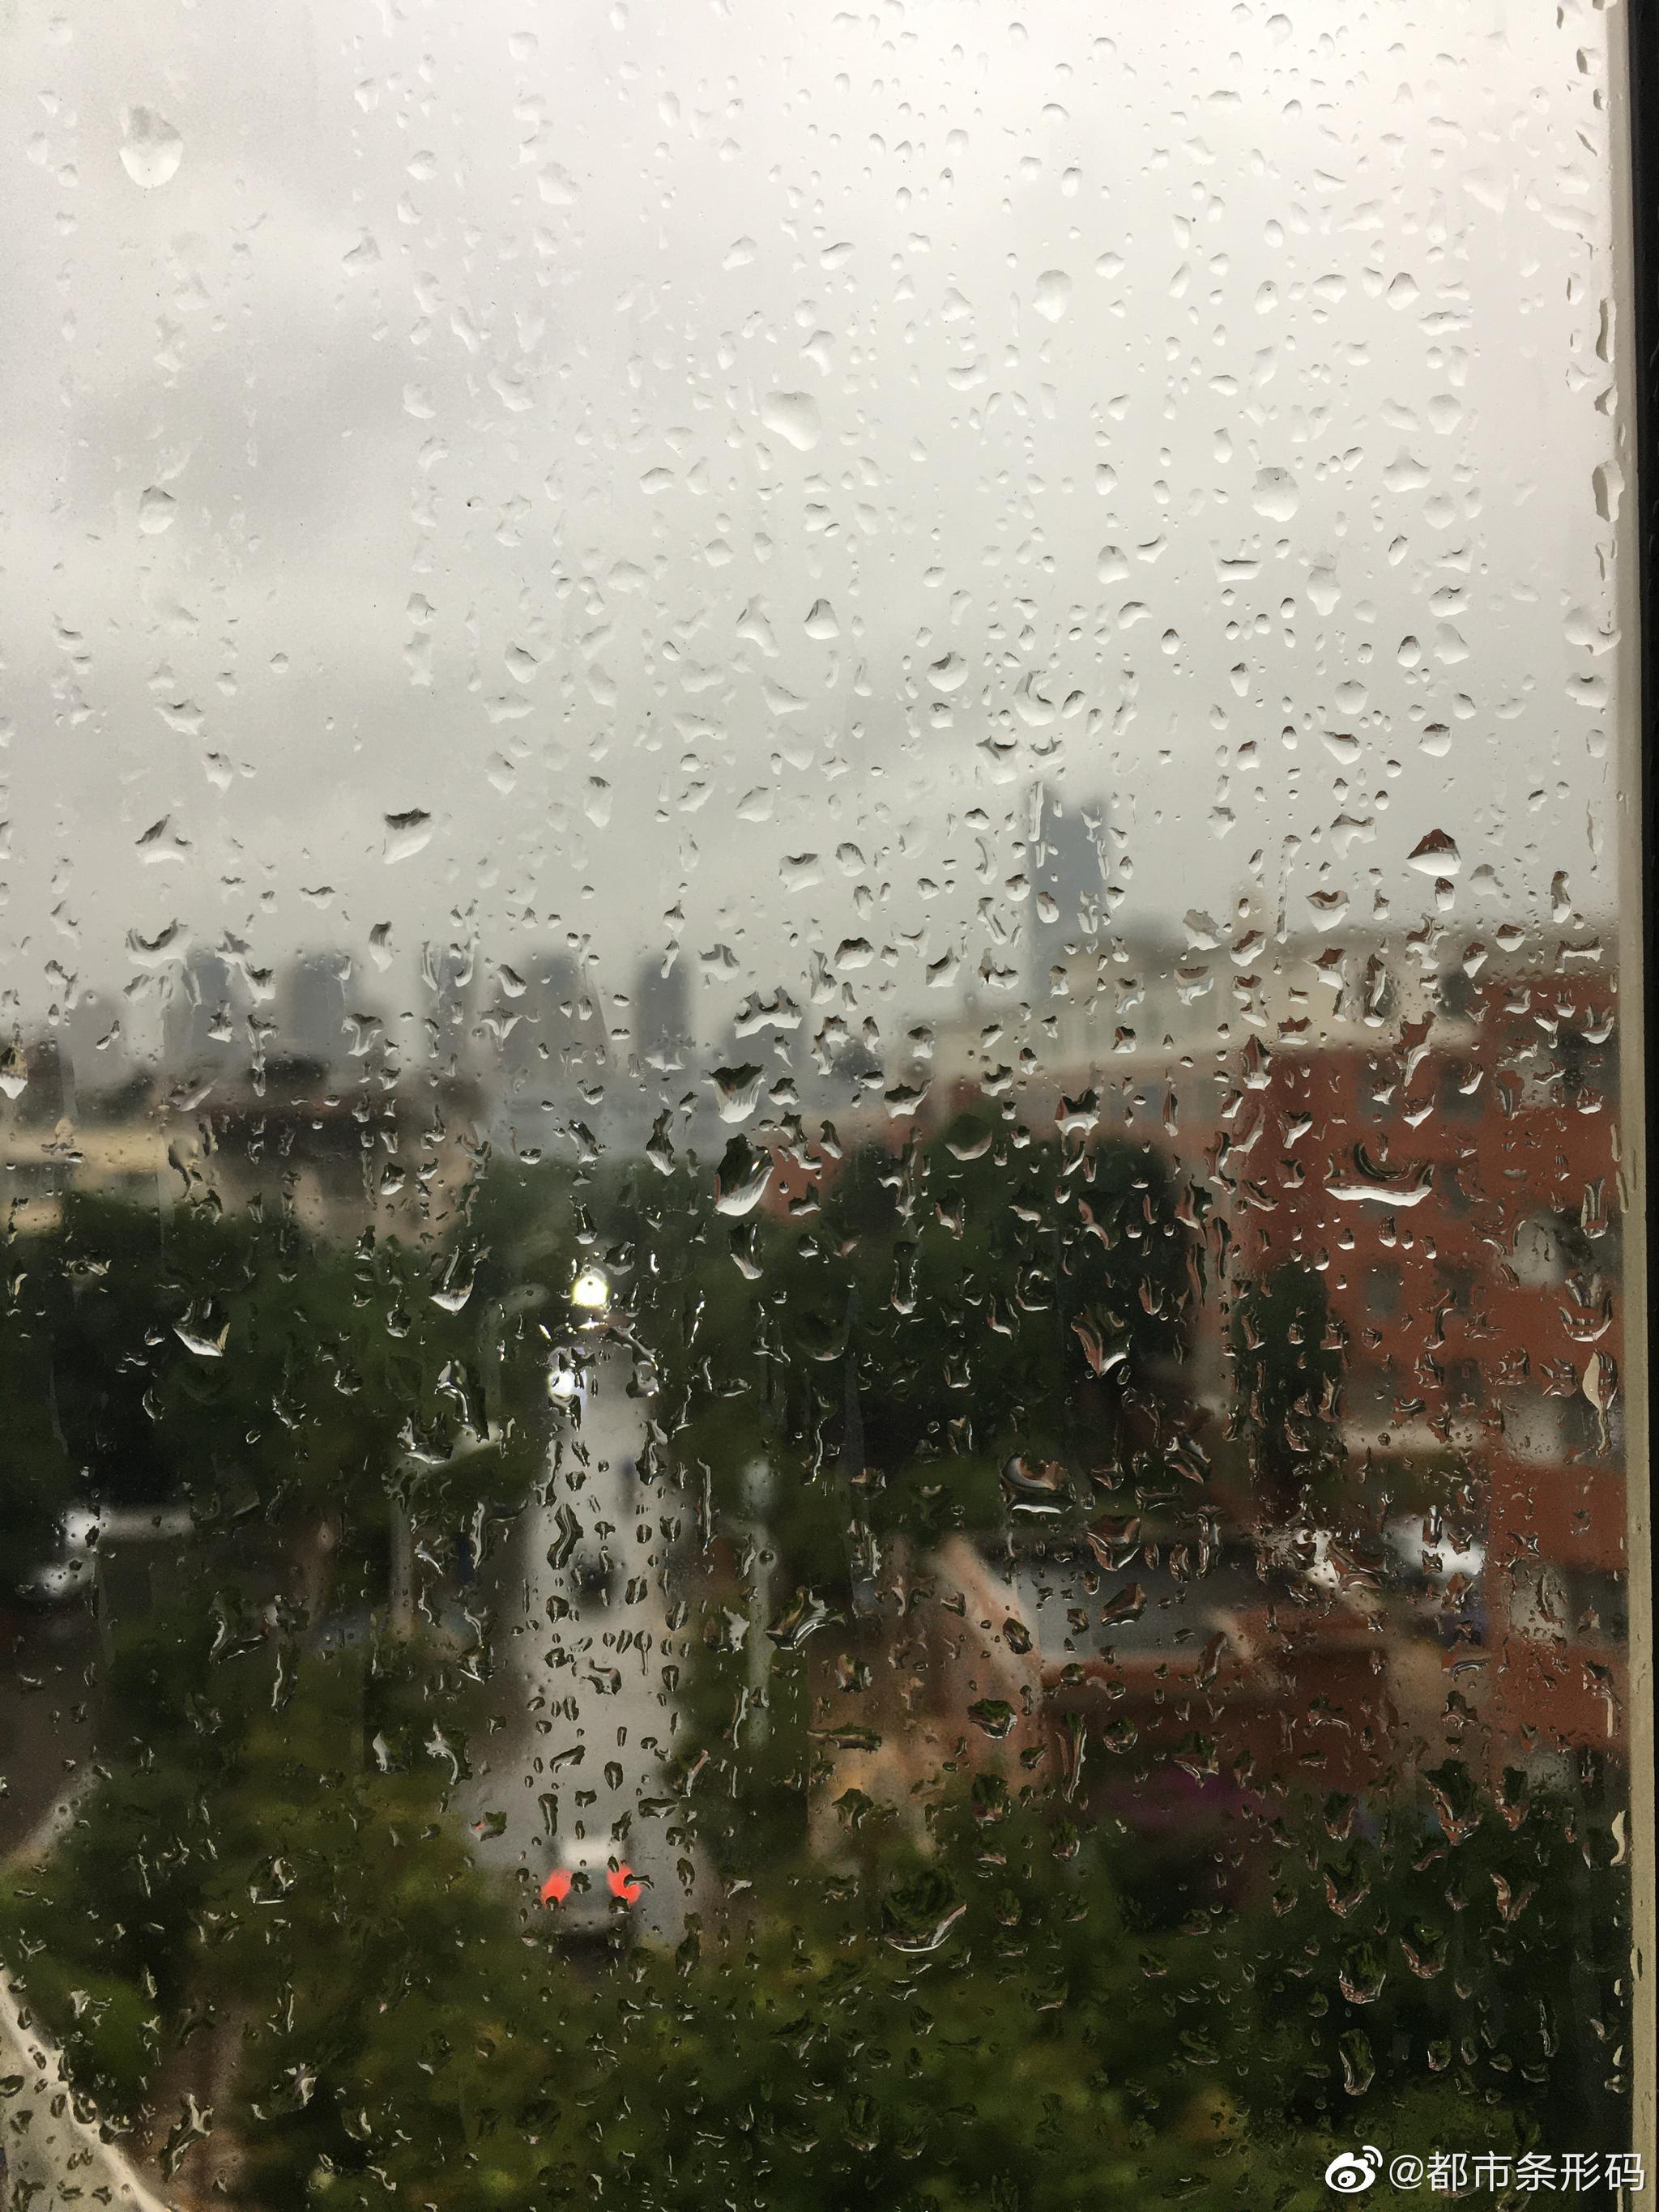 下雨☔️您上班路上遇到啥?给条码君说说吧……